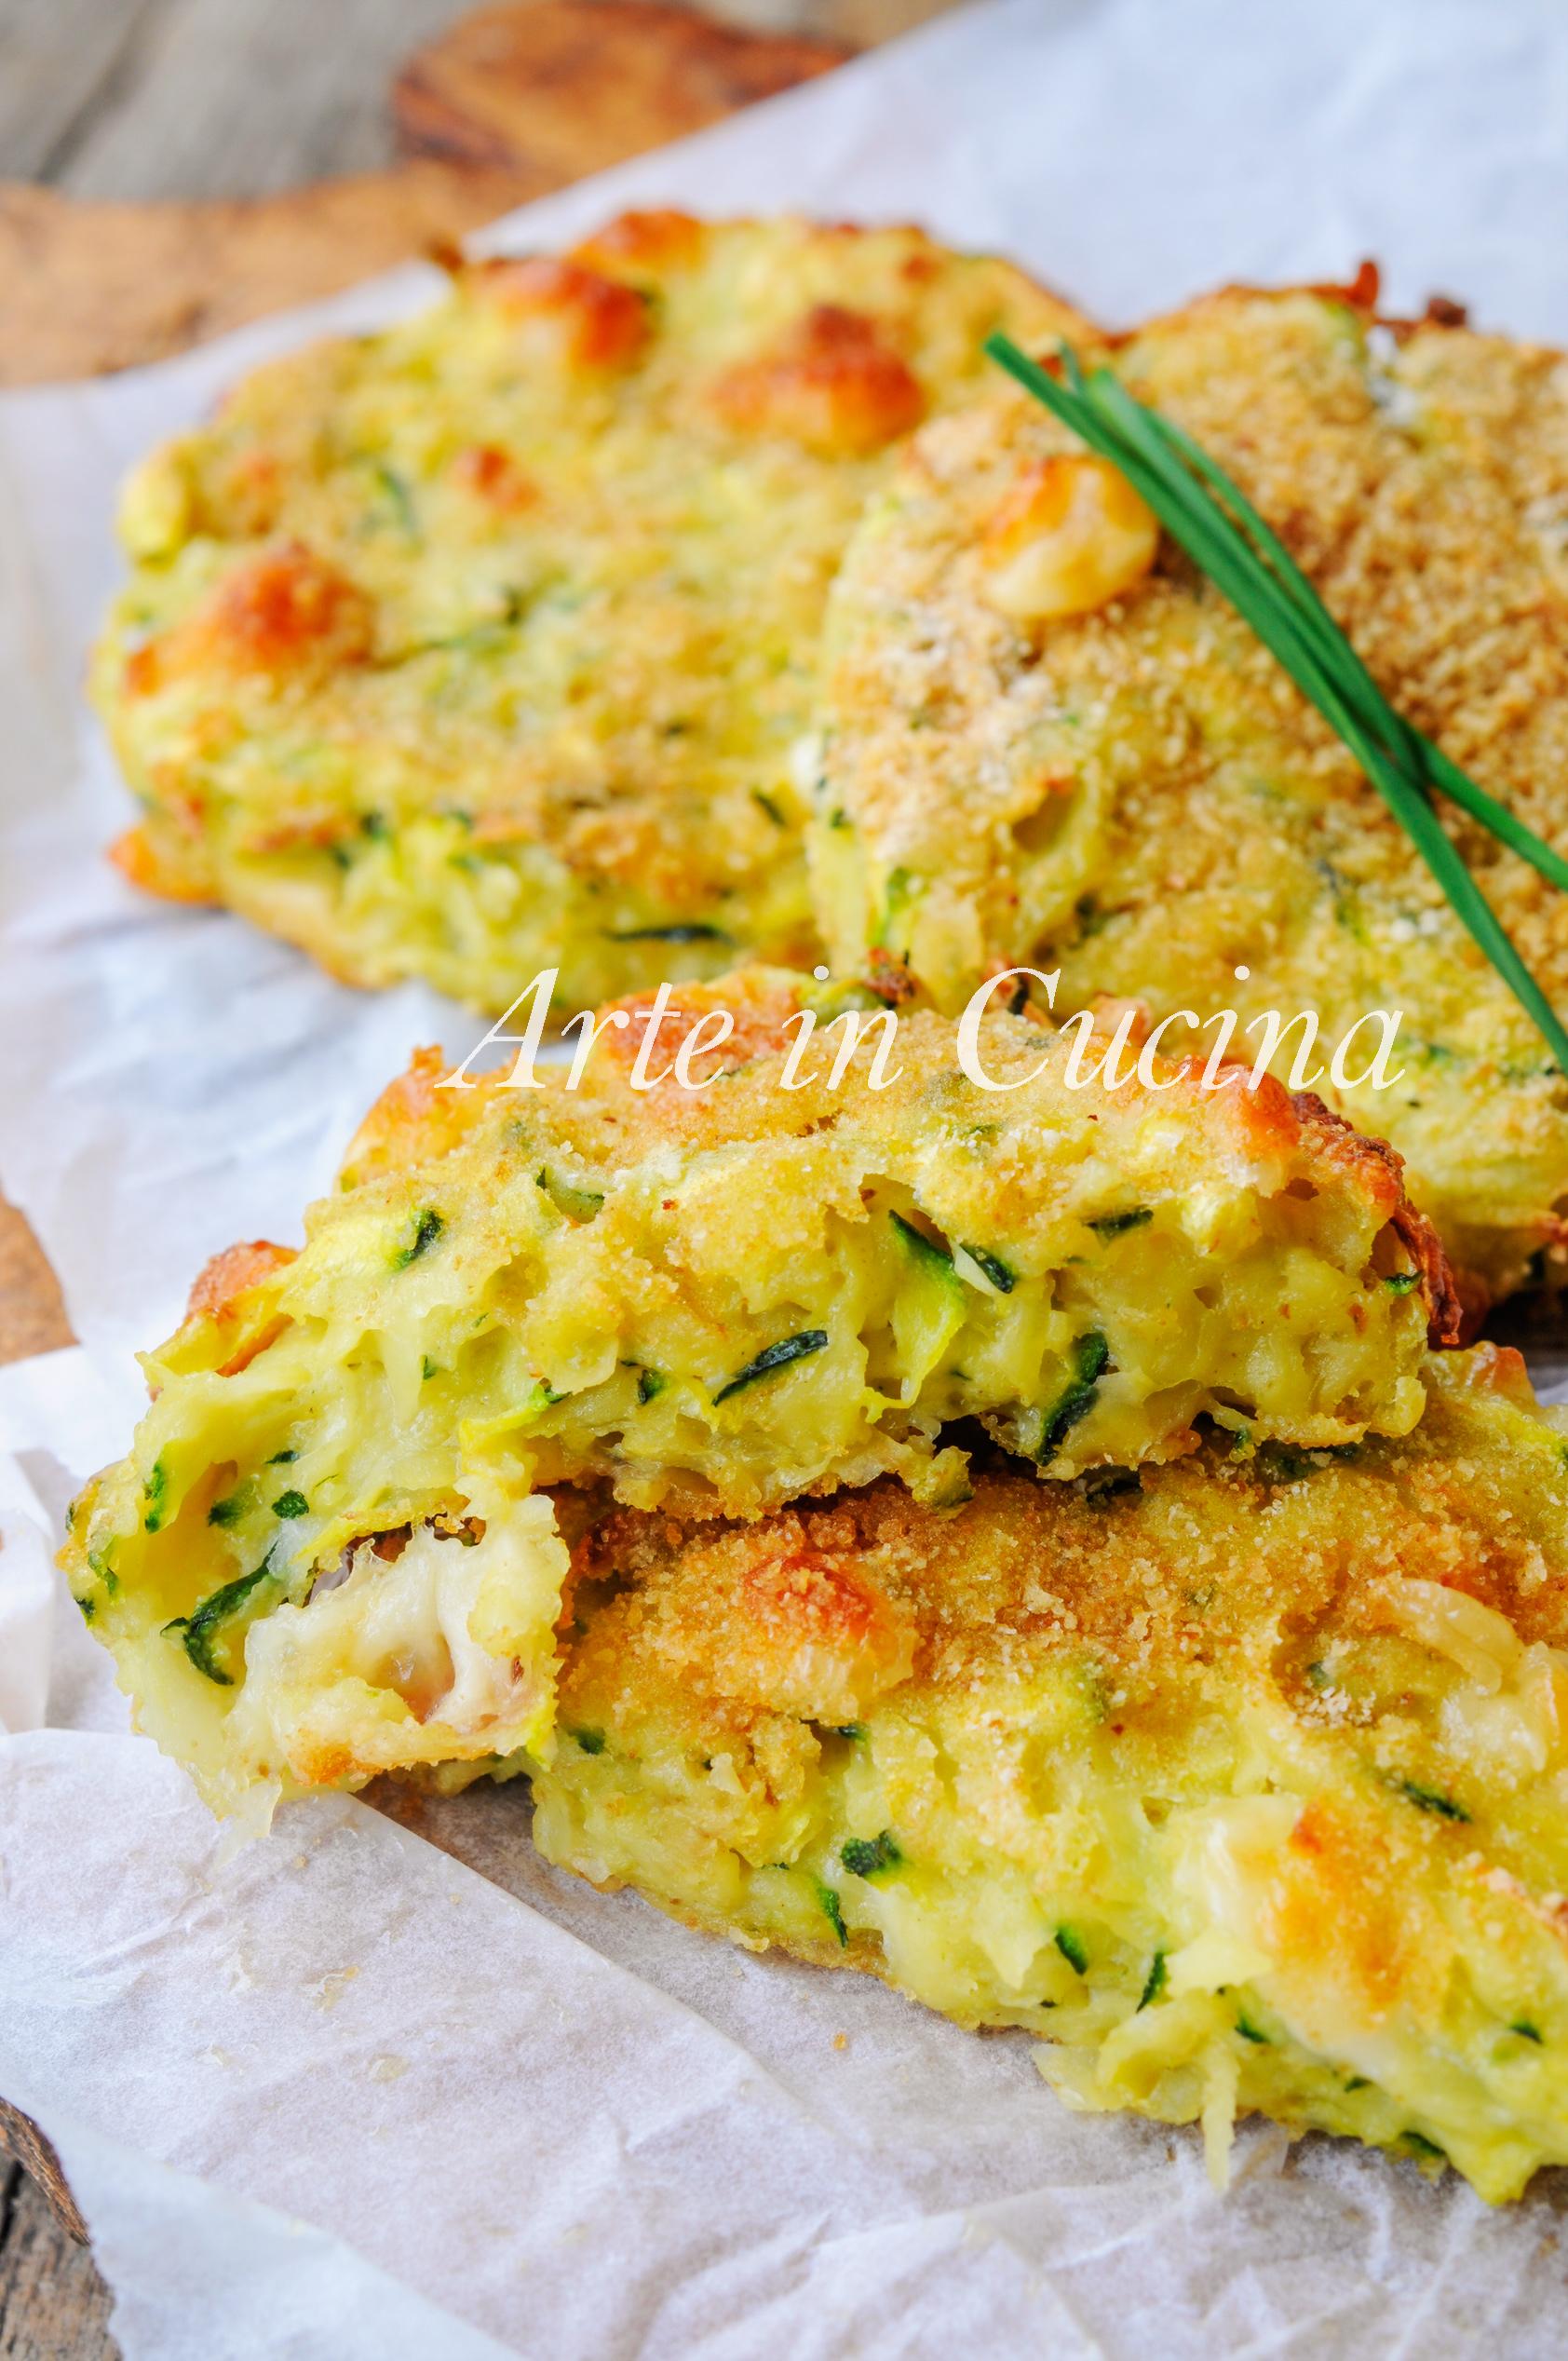 Burger di patate e zucchine ricetta veloce vickyart arte in cucina